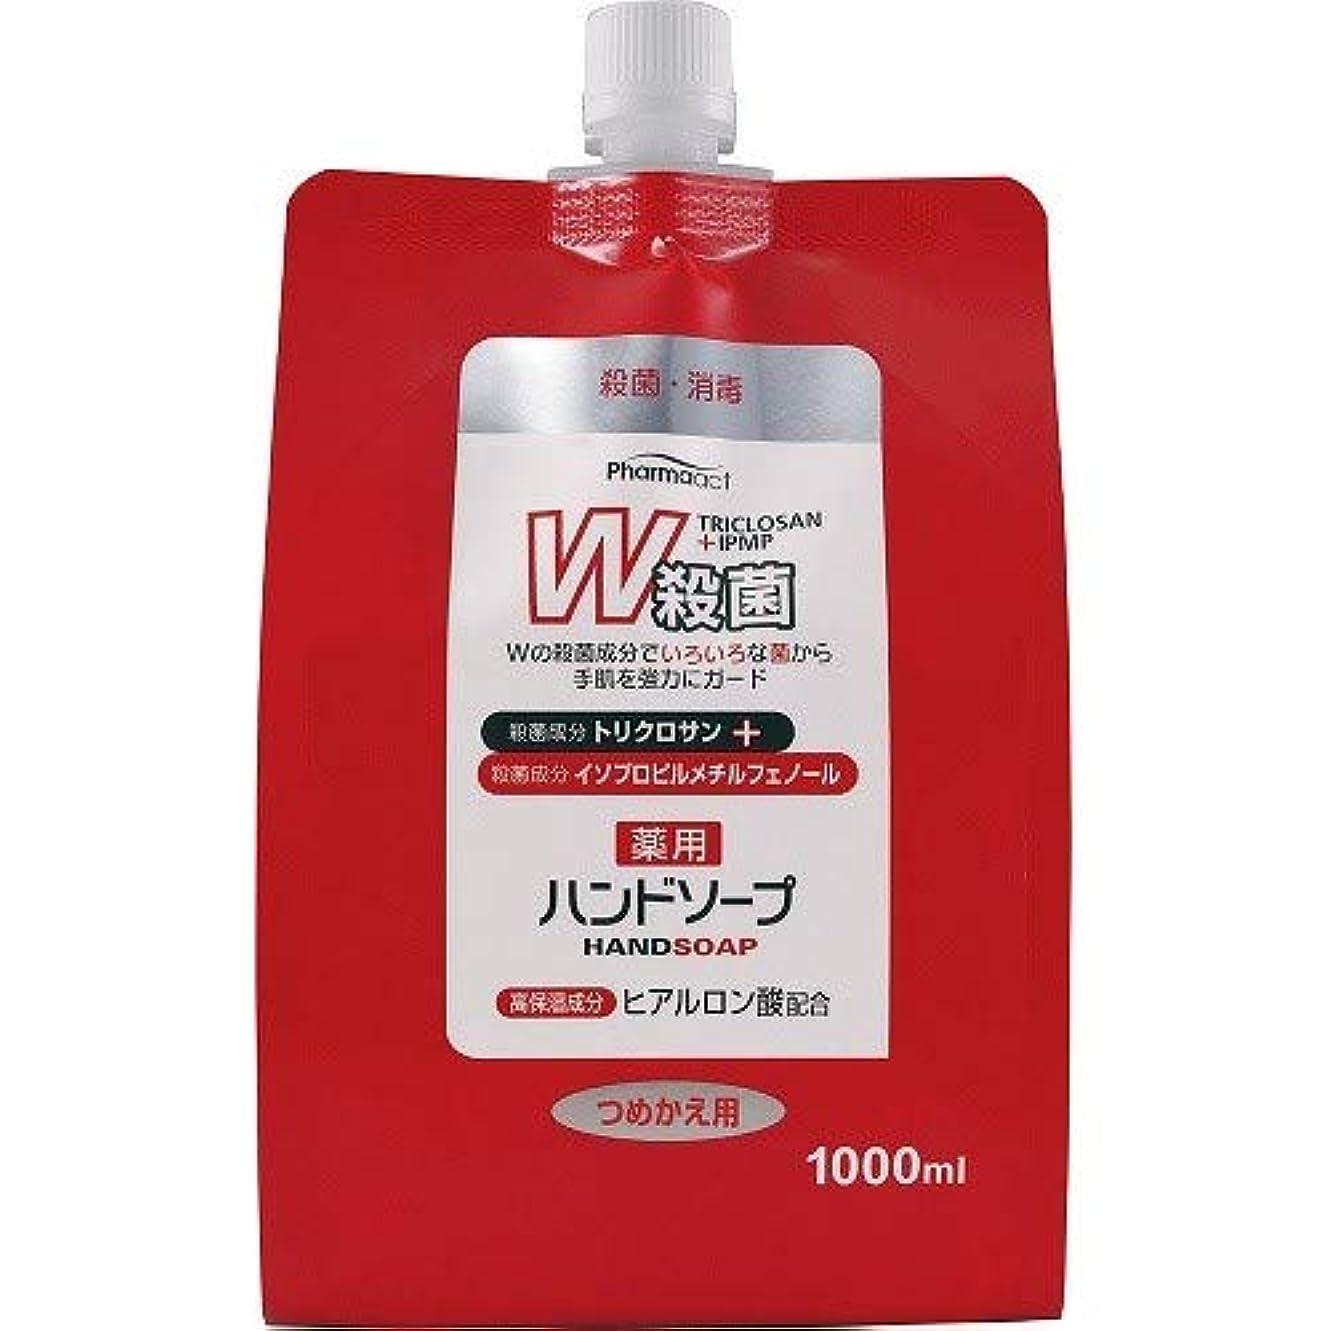 早いいとこ虫ファーマアクト W殺菌薬用ハンドソープ スパウト付き詰替 1000ml